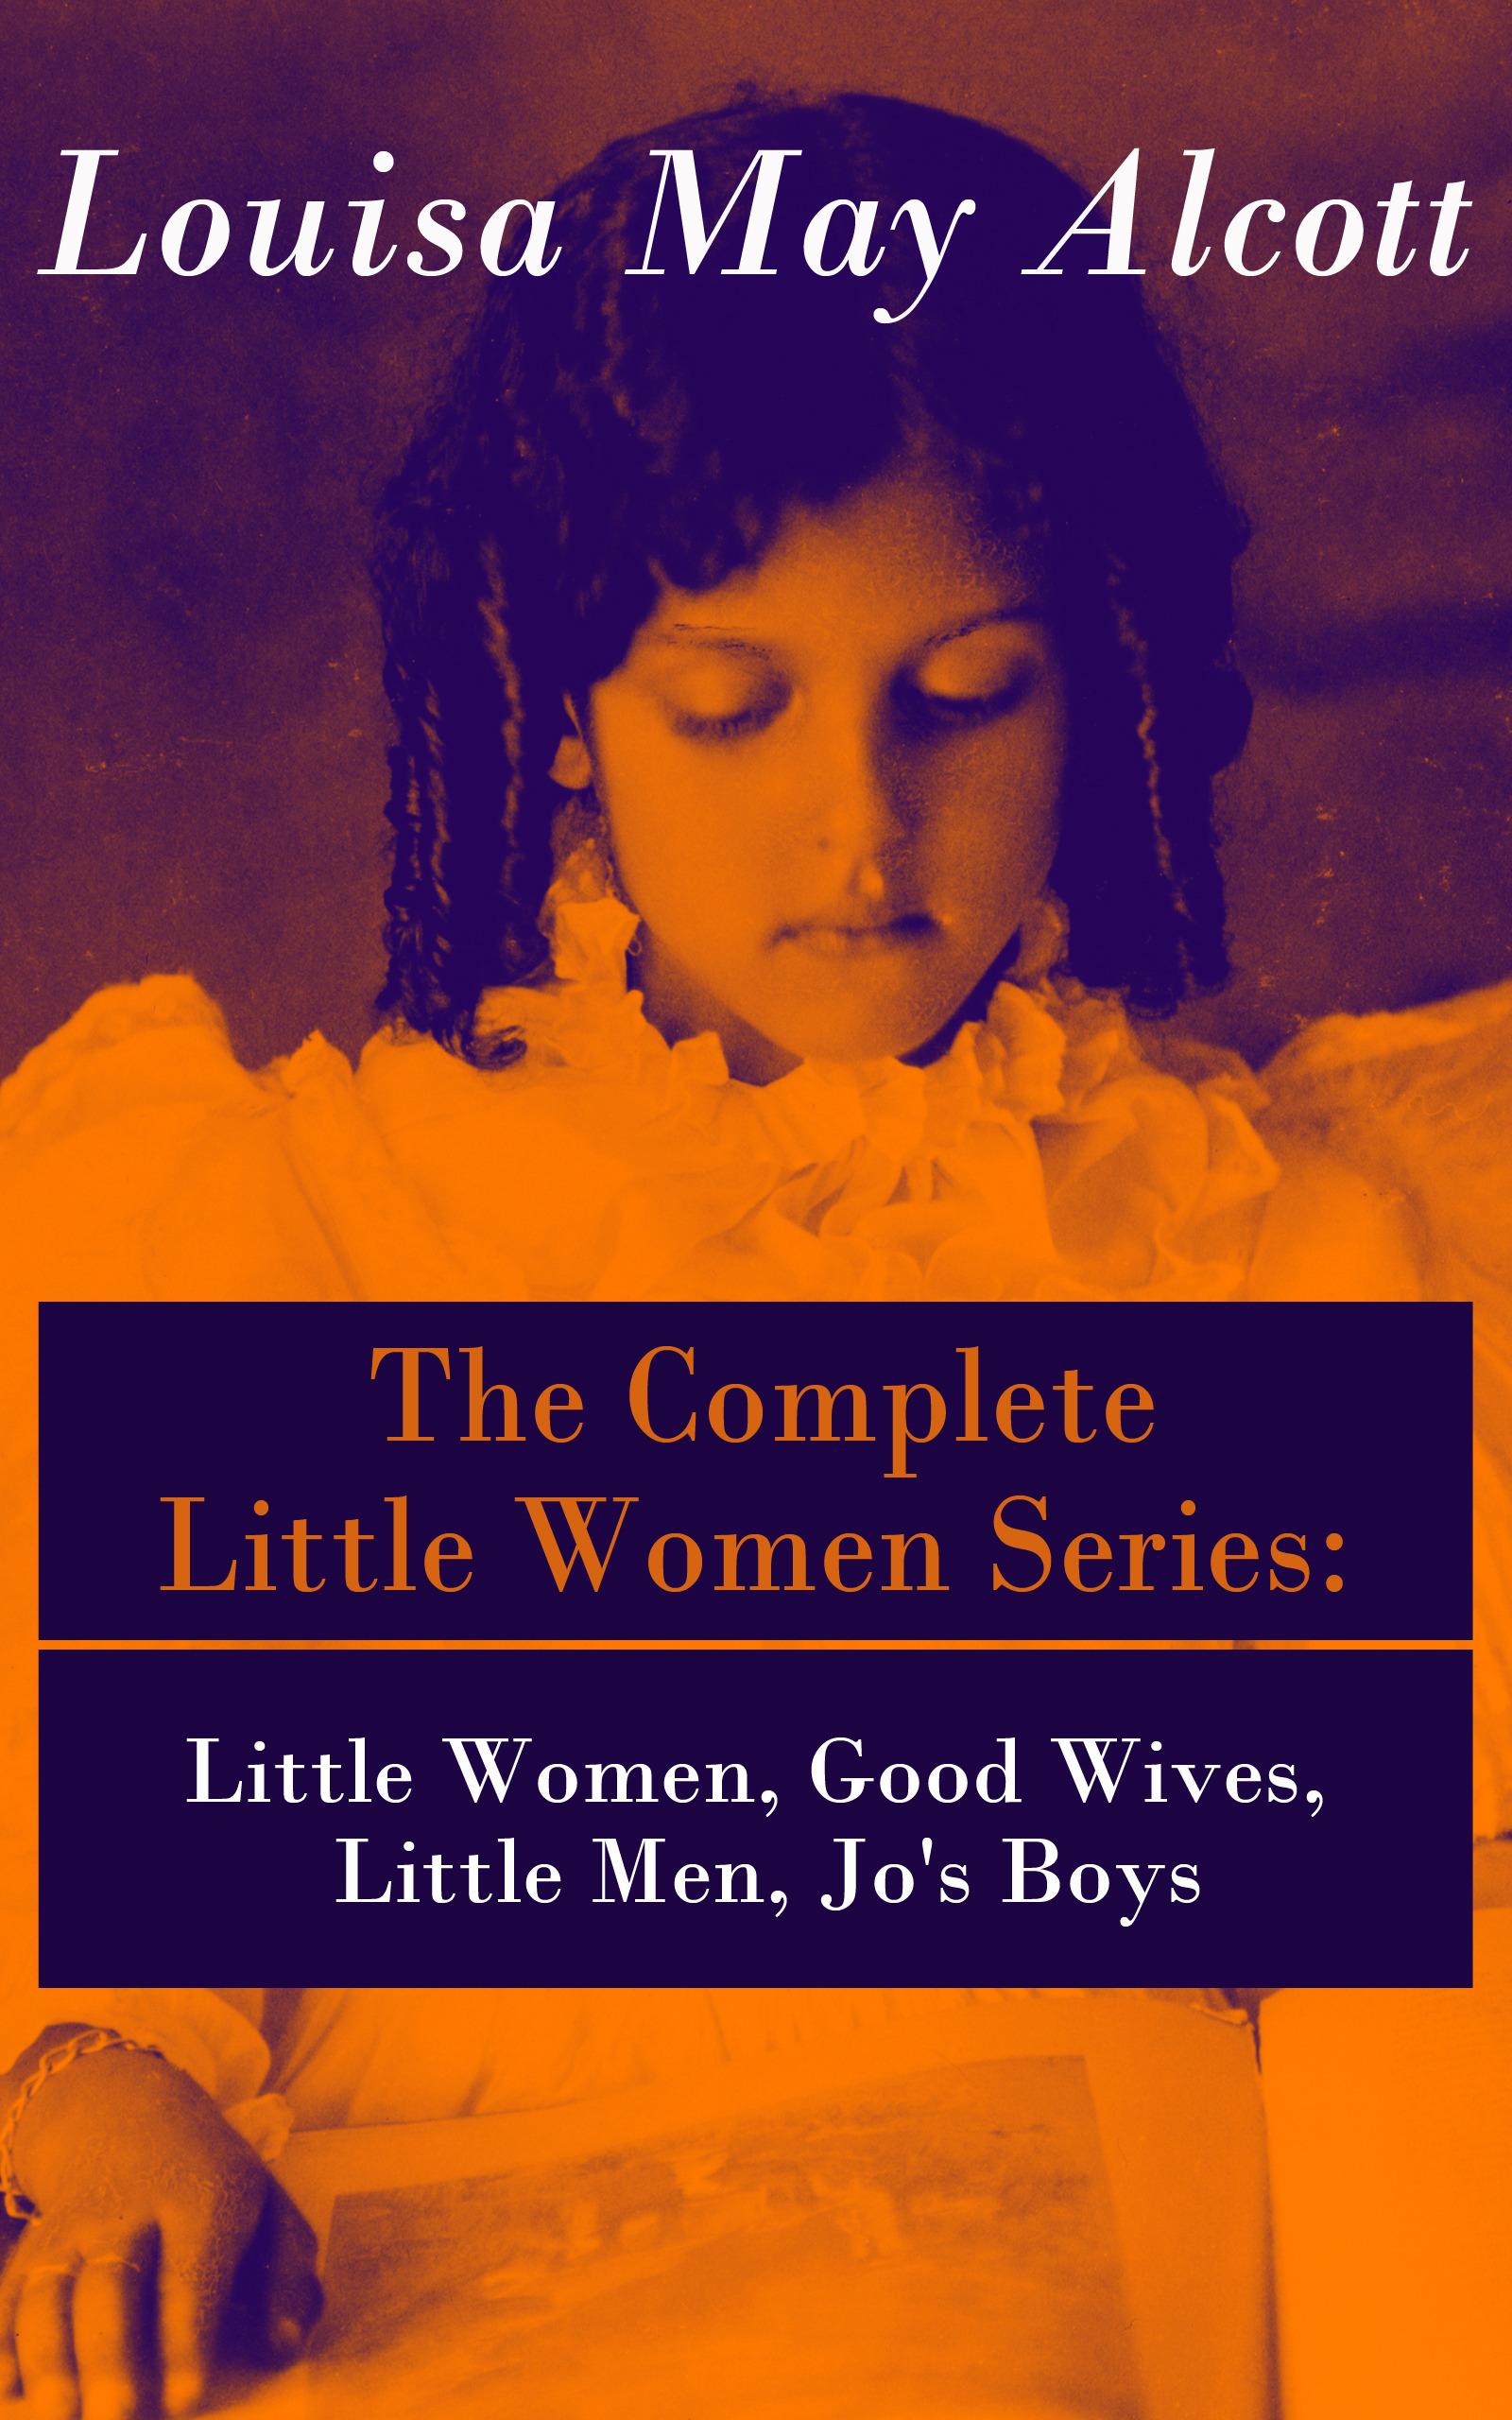 The Complete Little Women Series: Little Women, Good Wives, Little Men, Jo's Boys